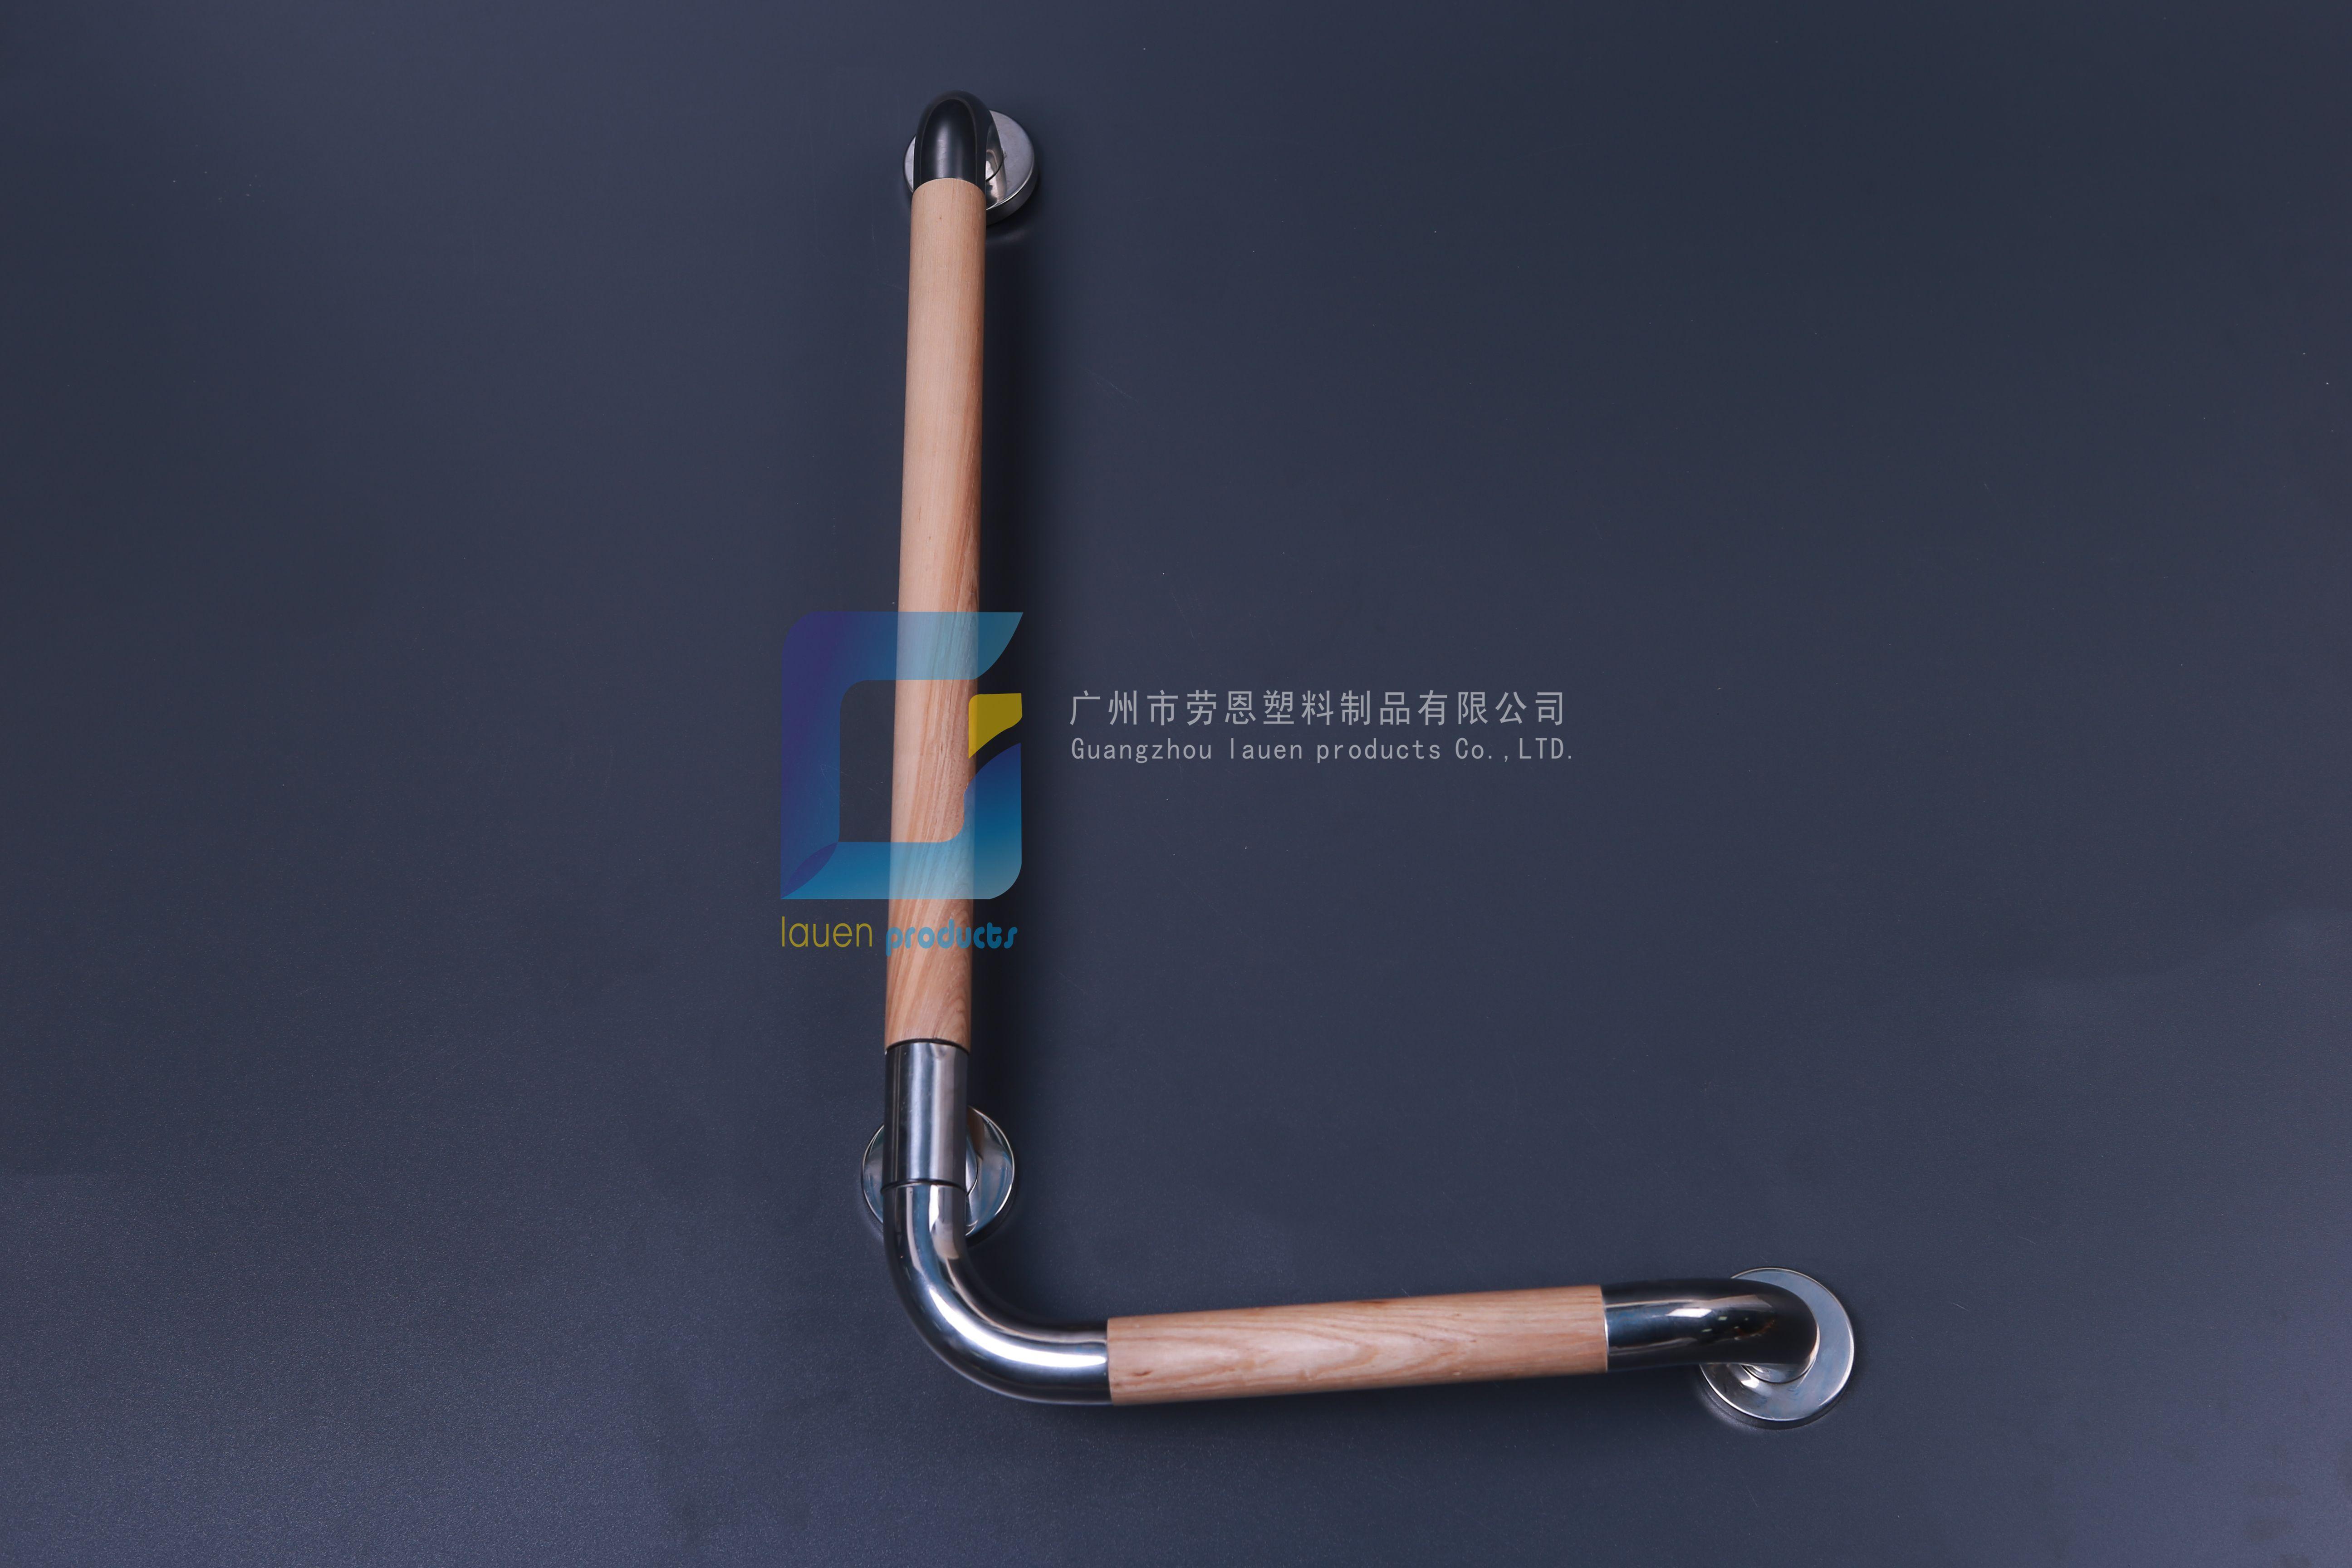 L型不銹鋼彎頭衛浴安全扶手LE-W01木紋色-勞恩塑料制品